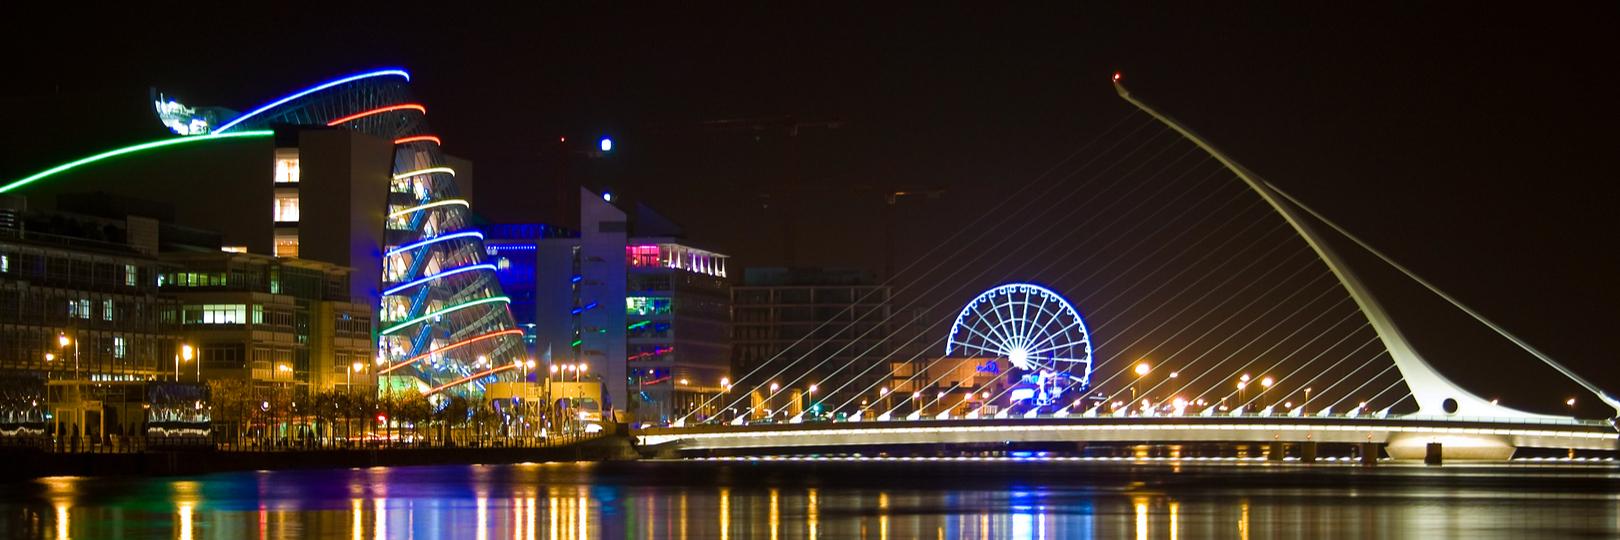 Επισκεφτείτε το Δουβλίνο στην Ιρλανδία!